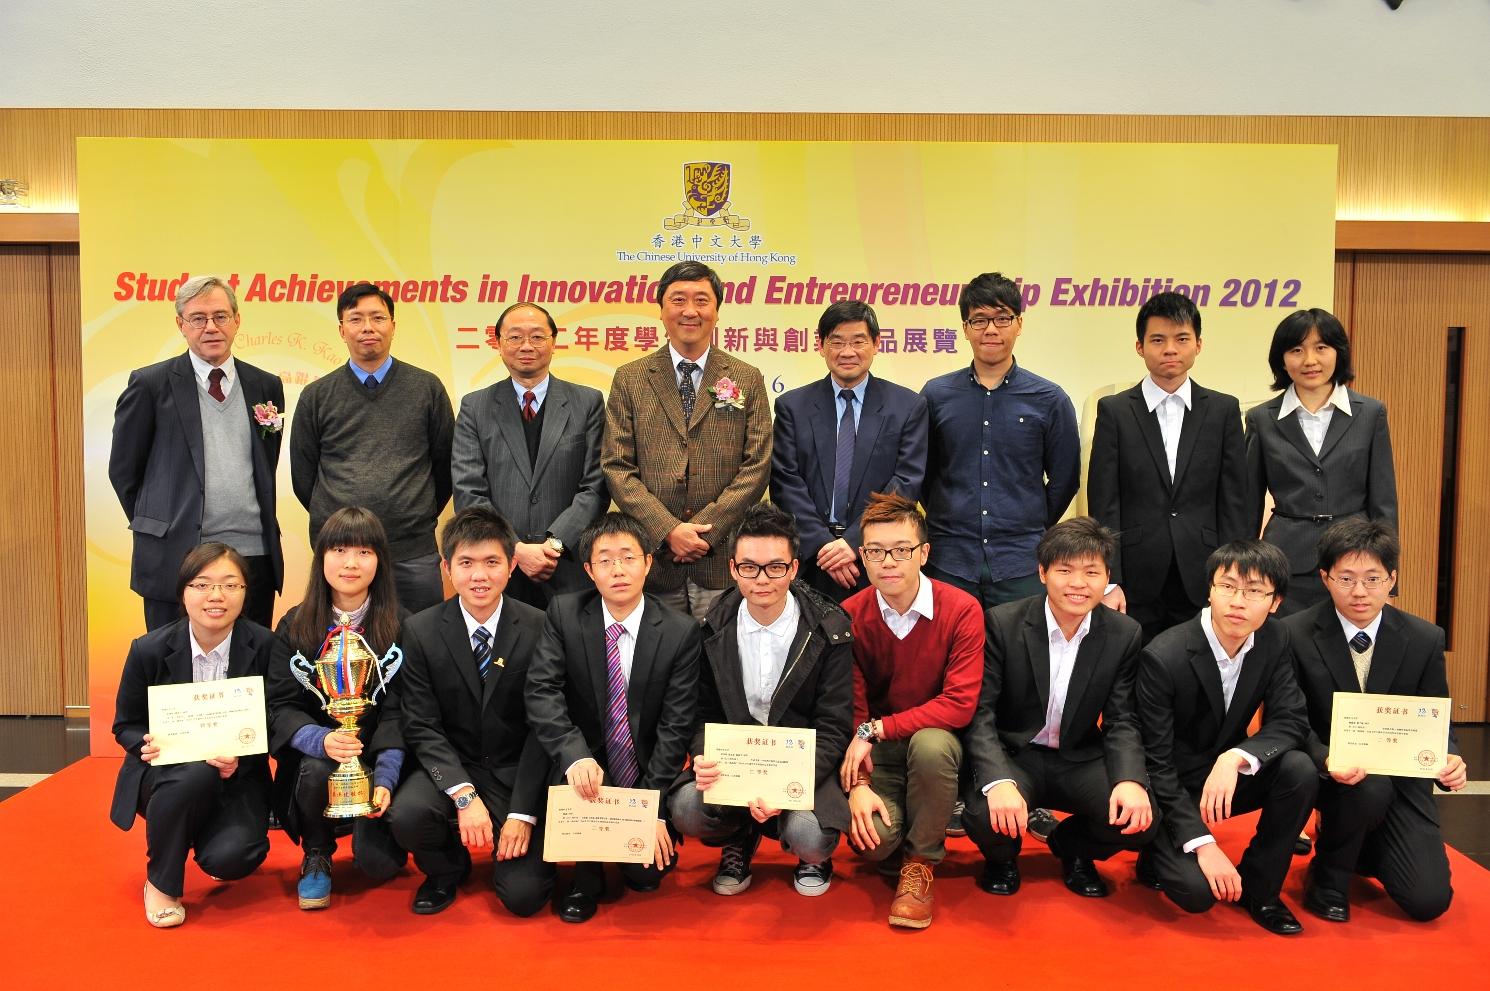 「2012年度學生創新與創業作品展覽」主禮嘉賓與得獎學生合照